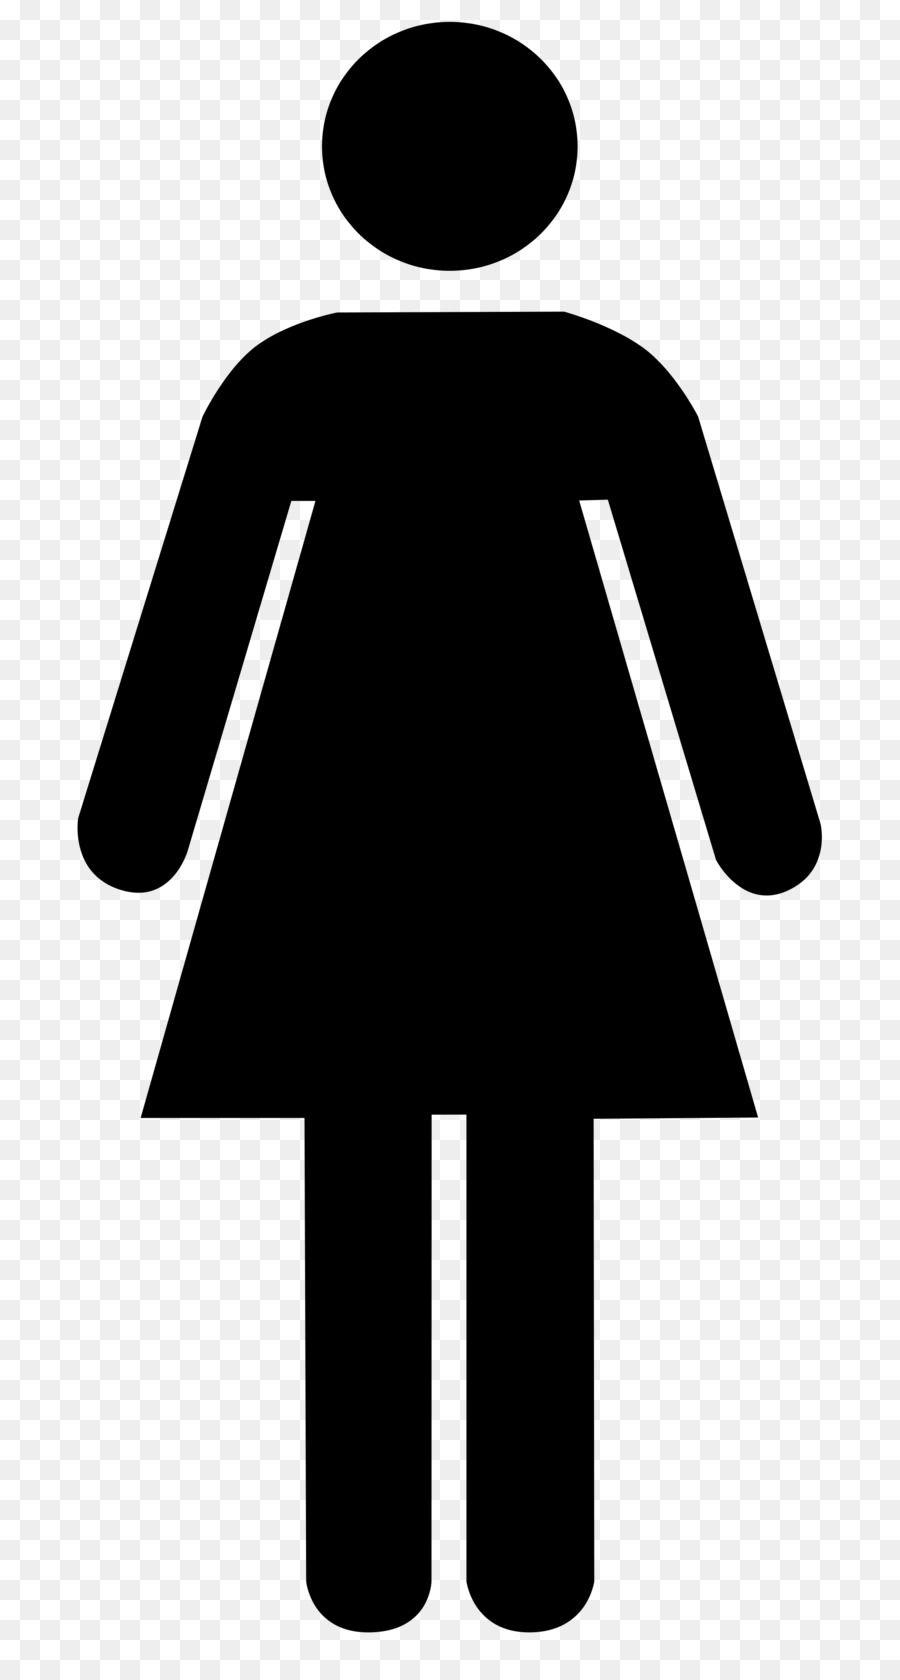 Perempuan Simbol Simbol Gender Gambar Png Gender Perempuan Simbol